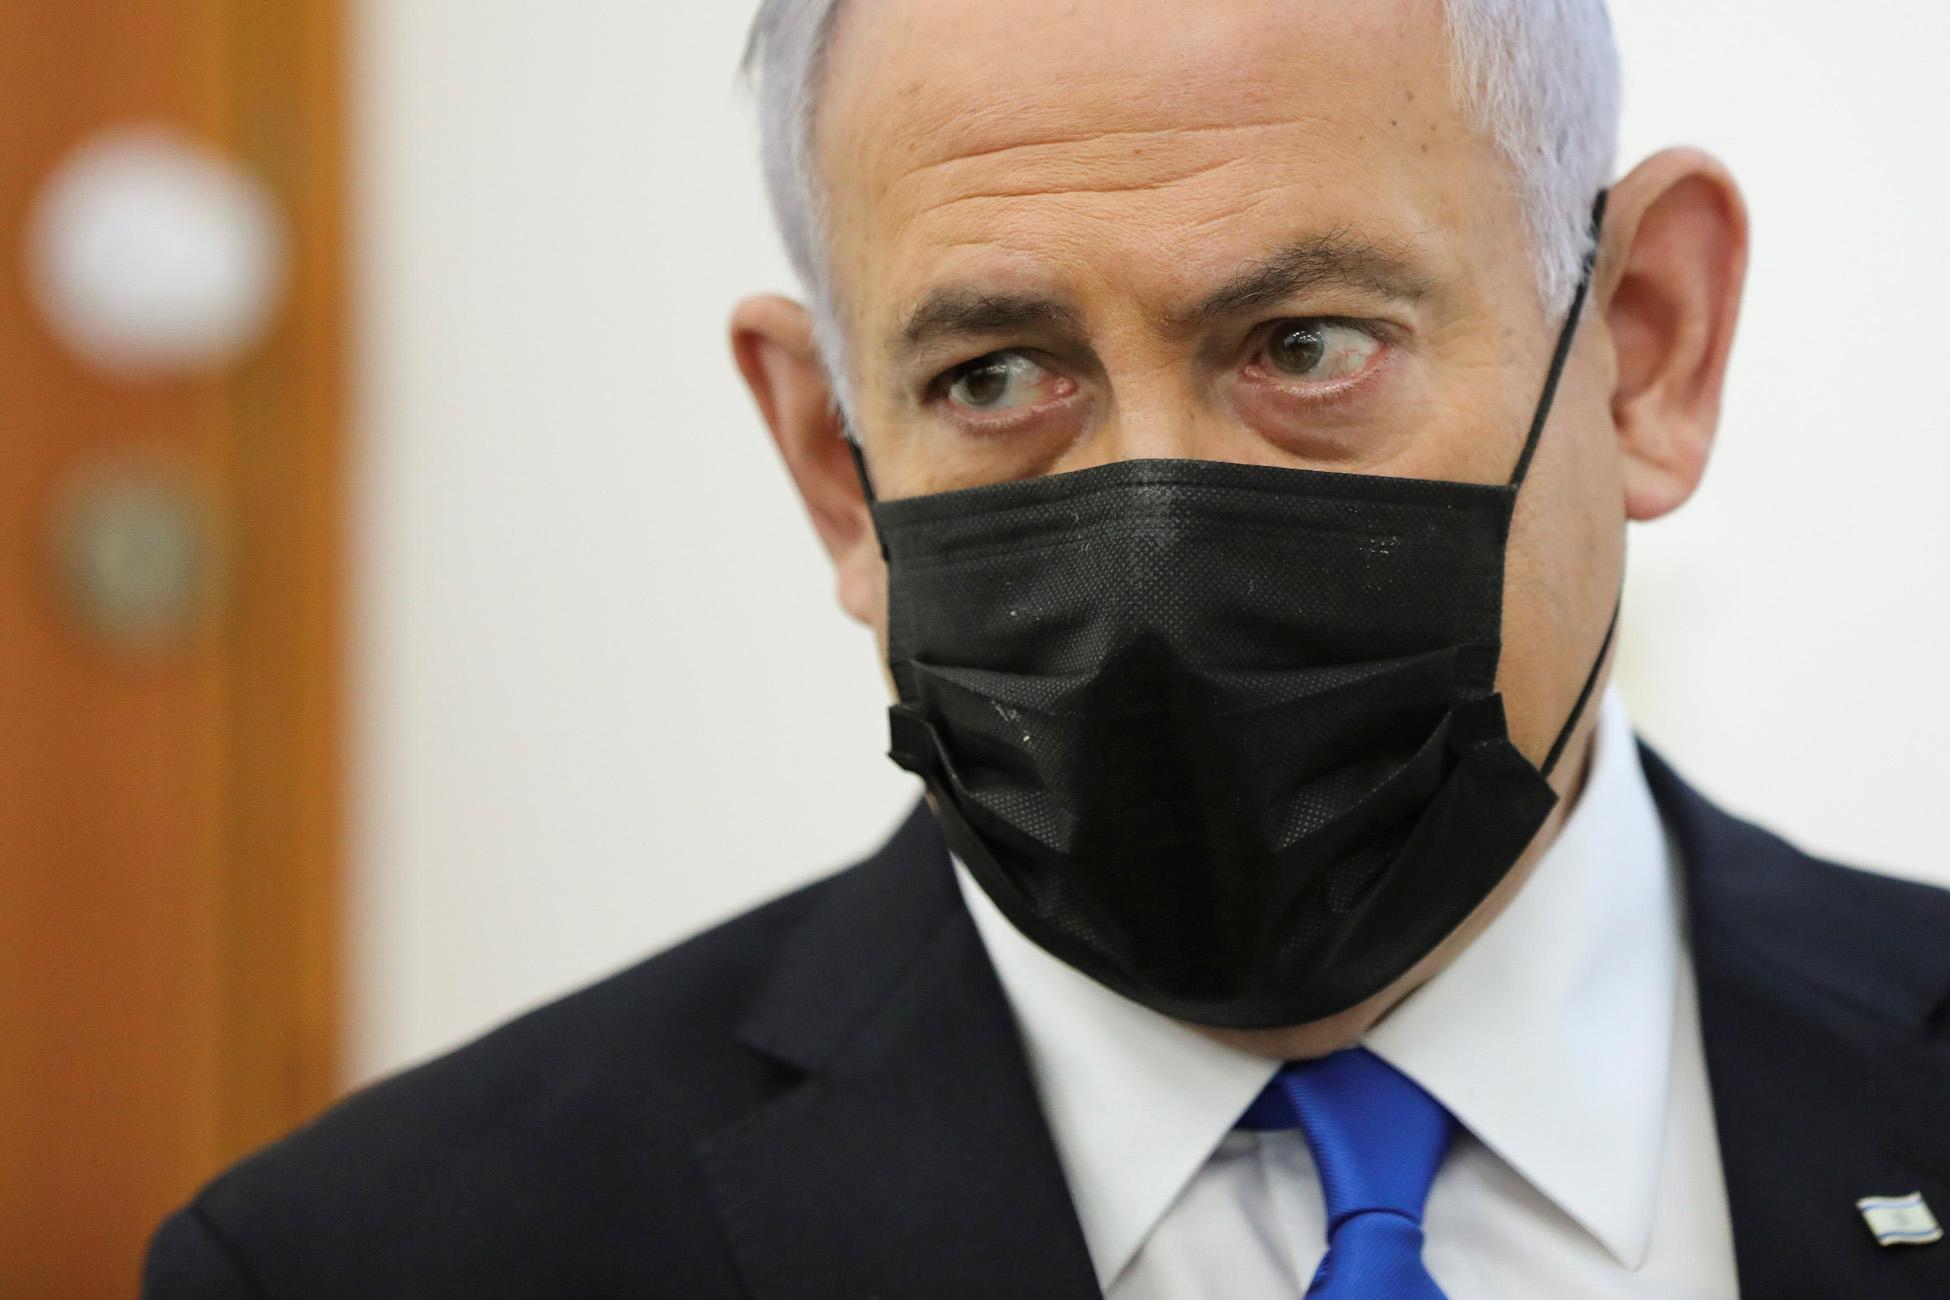 Νετανιάχου: Το Ισραήλ δεν θα επιτρέψει στο Ιράν να αποκτήσει πυρηνικά όπλα